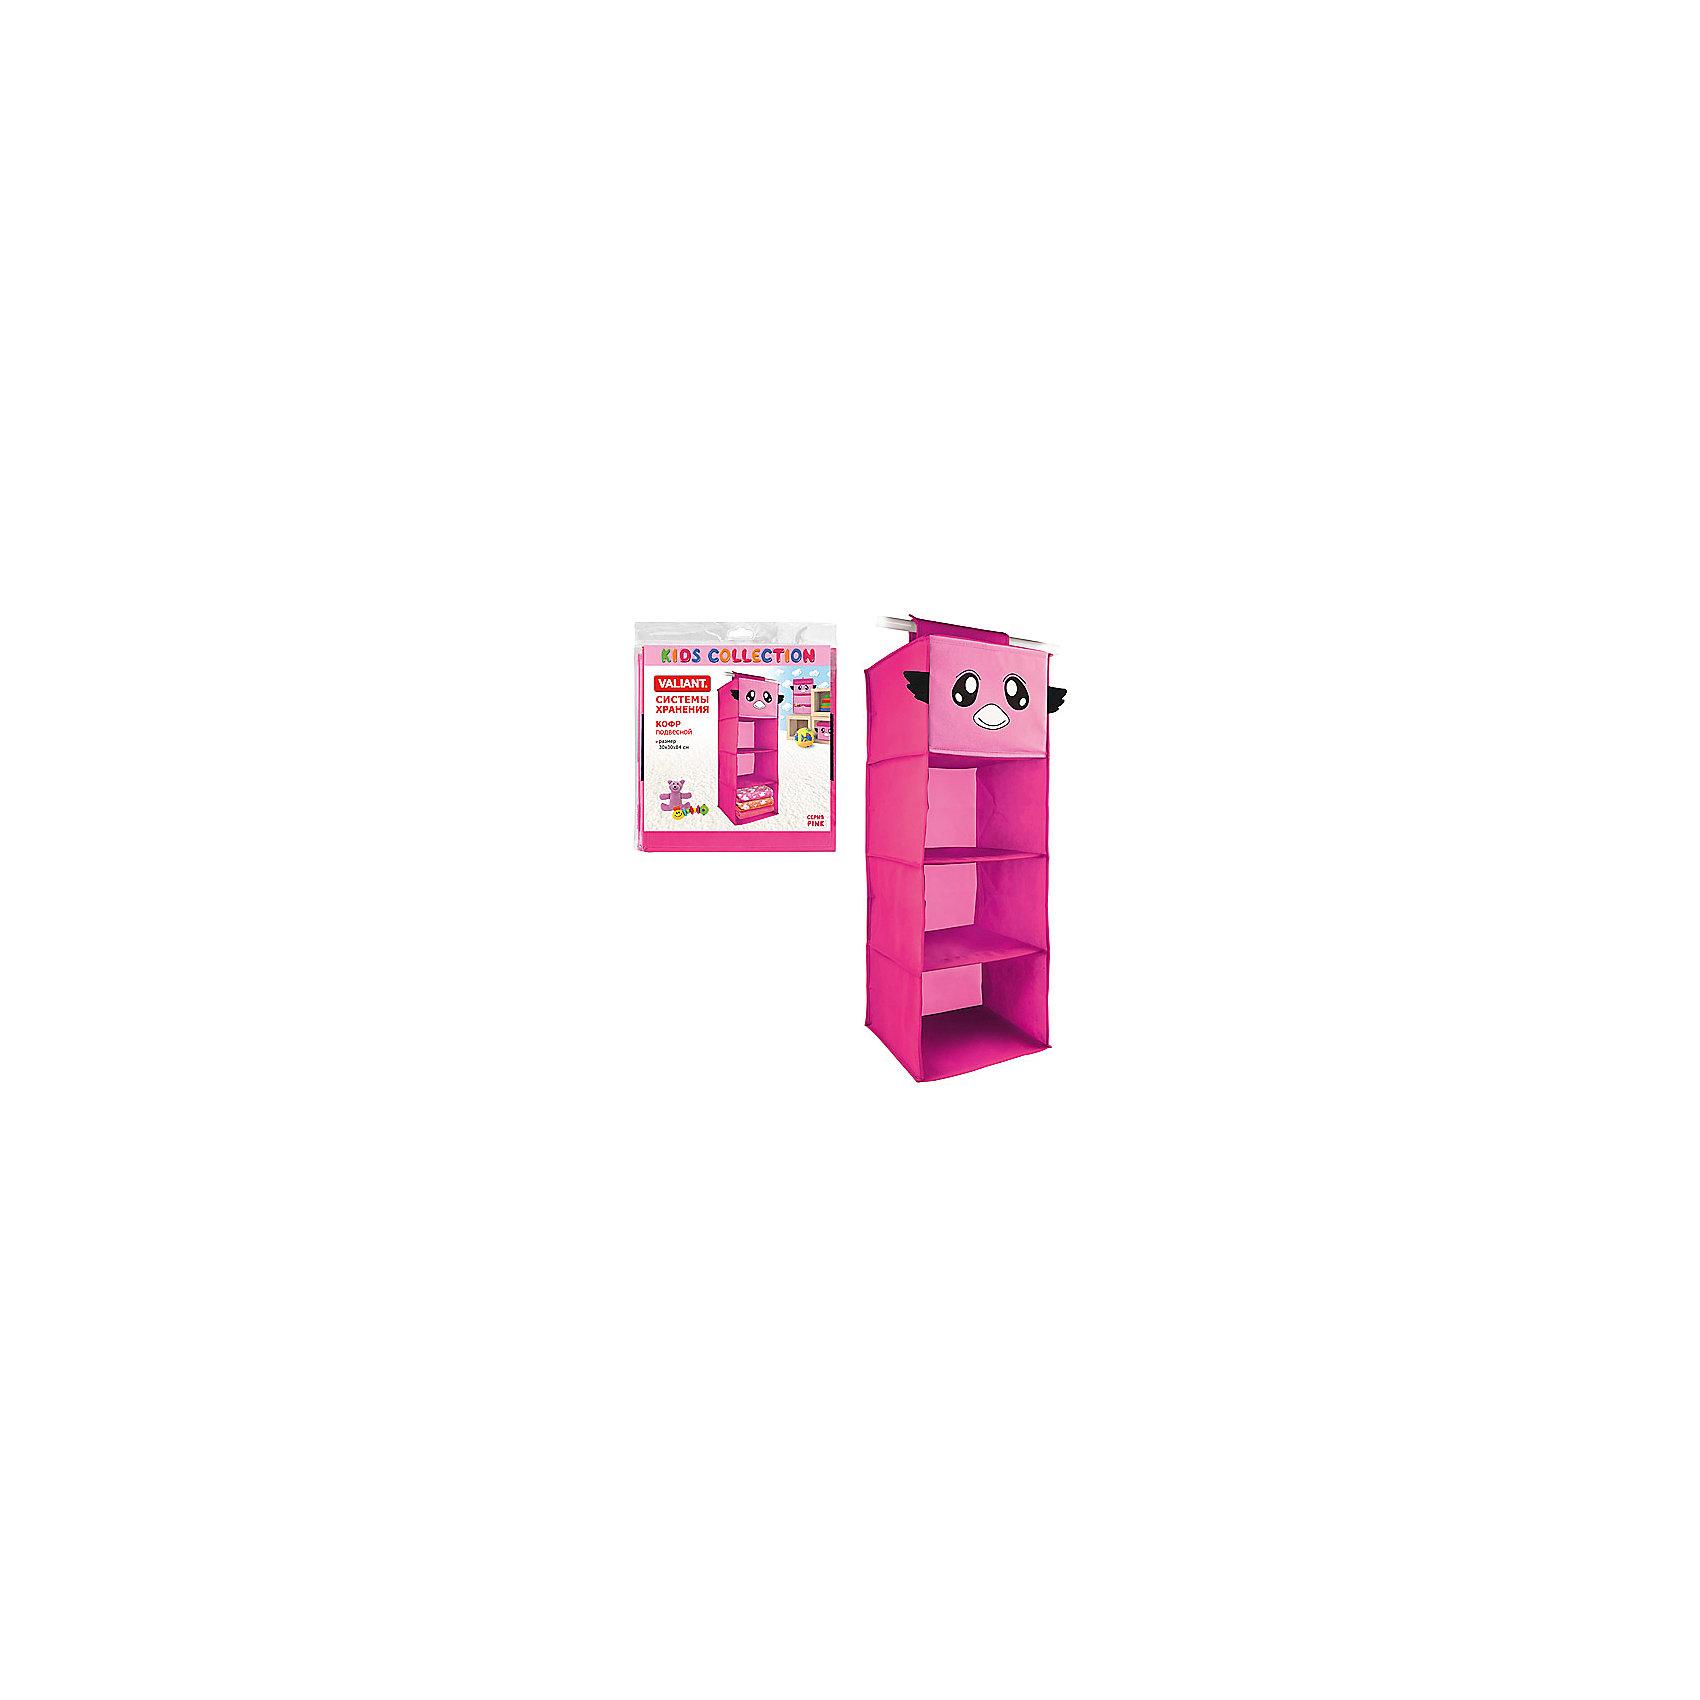 VALIANT Розовый подвесной кофр 30*30*84 см, 4 полки кофр подвесной 30 30 100 см соты зеленый 5 секций 1133049